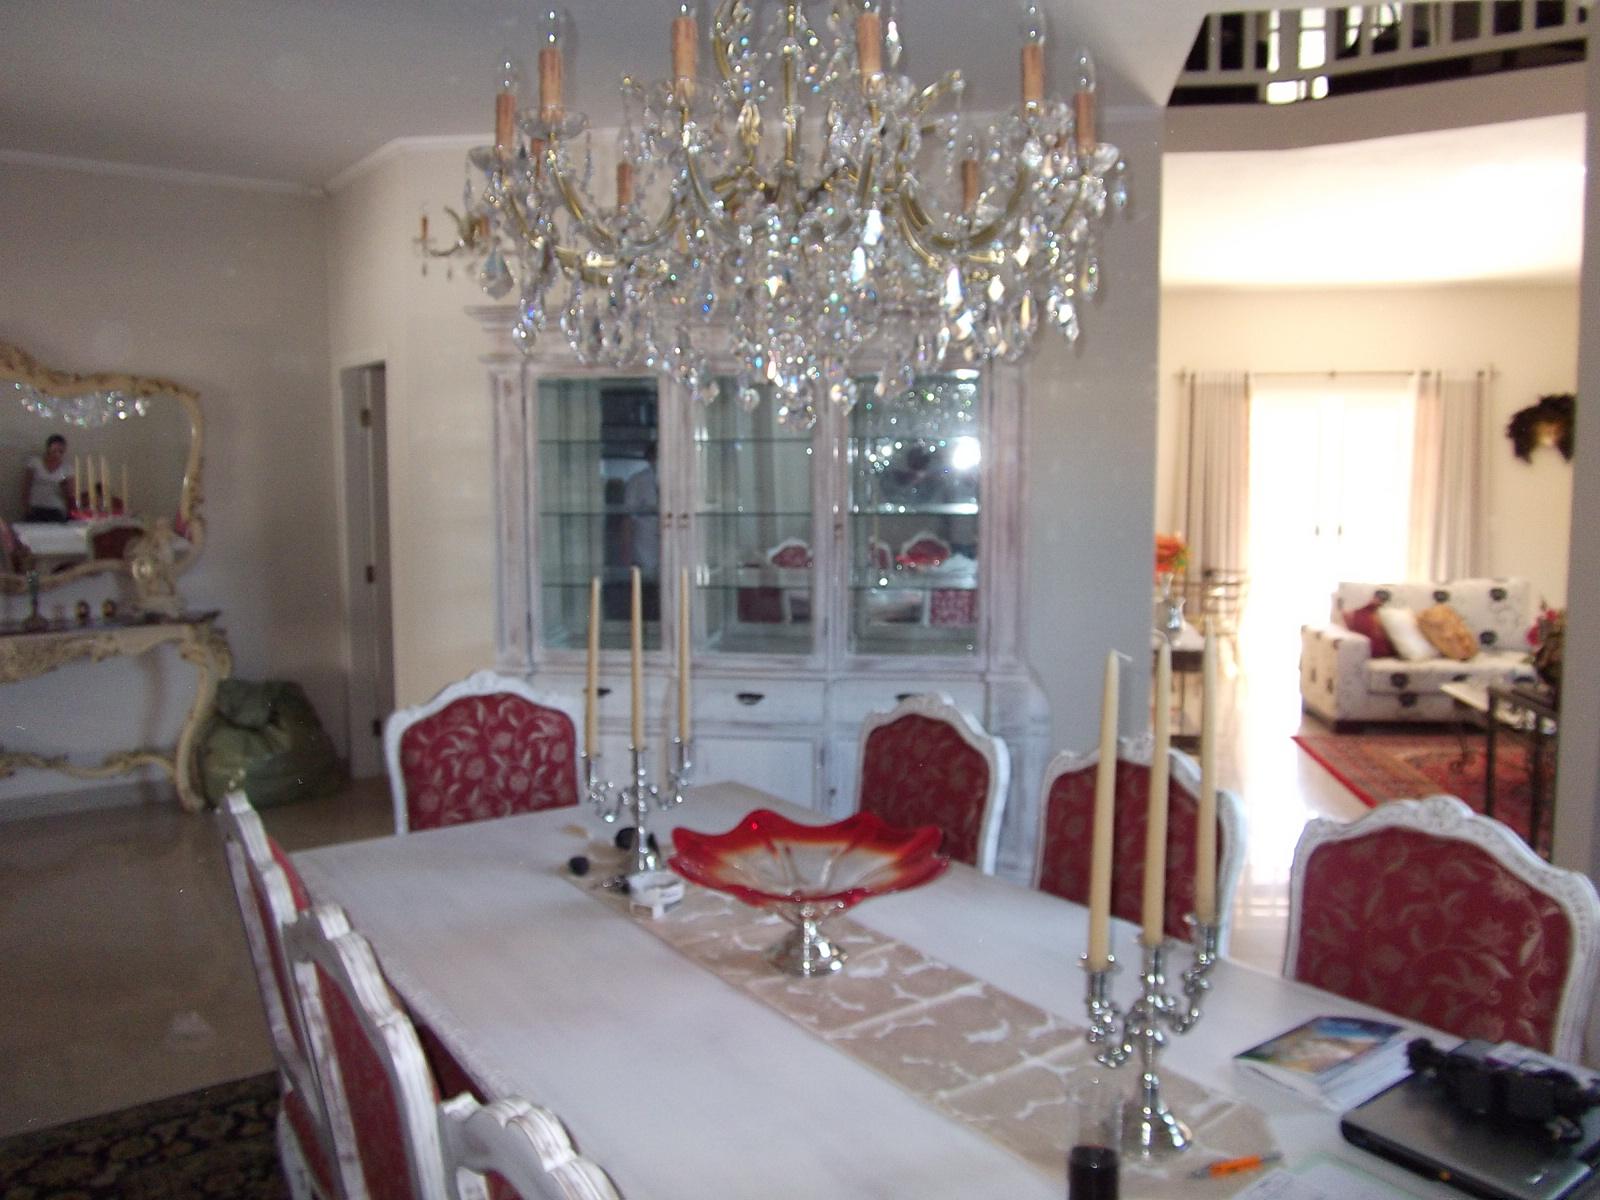 Blog Decoração de Interiores: Decoração Classica de Interiores